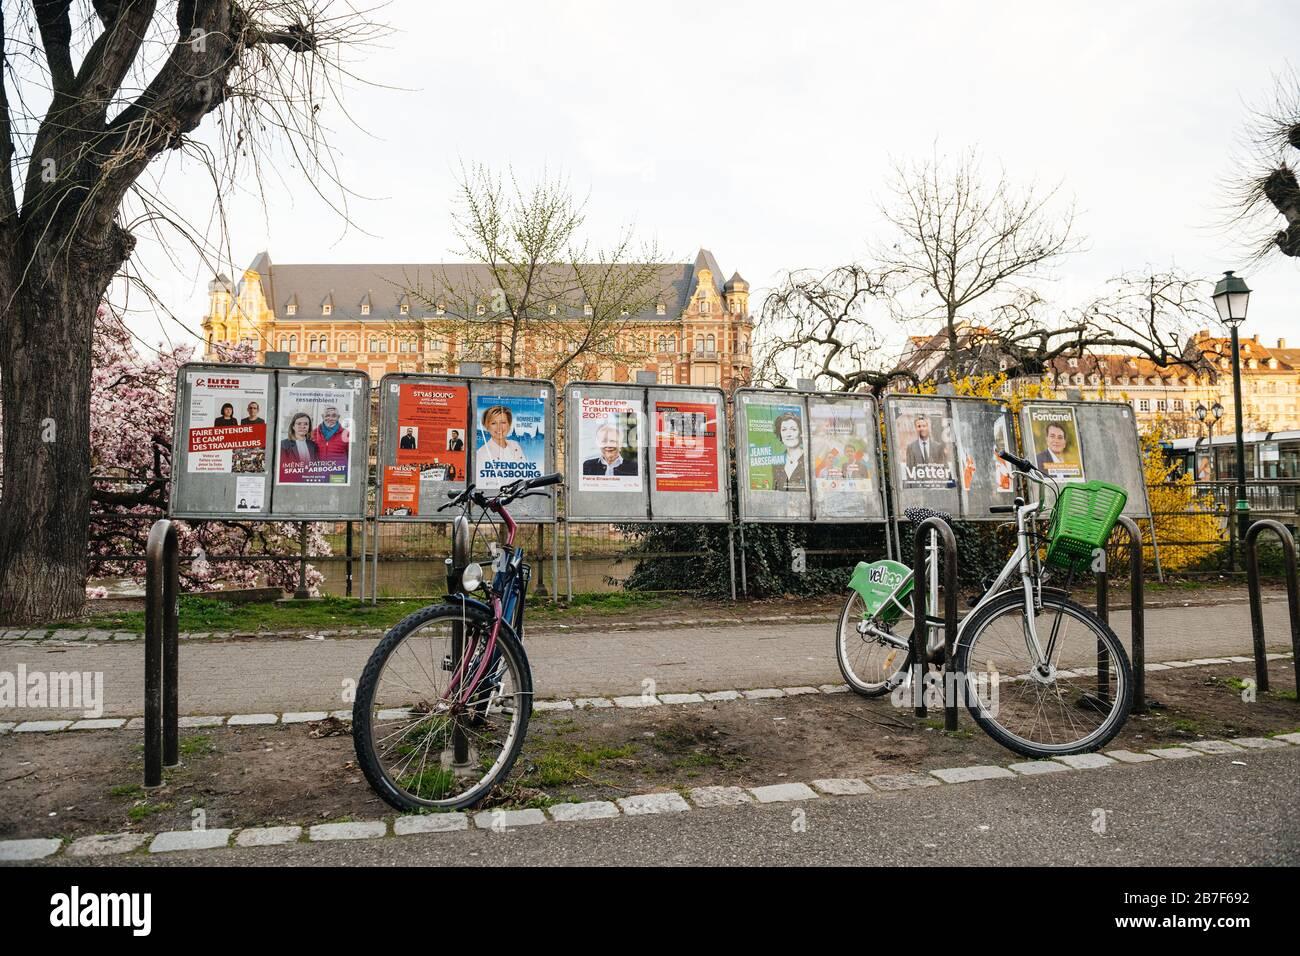 Straßburg, Frankreich - 15. März 2020: Alle Wahlkampagnen der Kandidaten in der Nähe des Wahllokals während der ersten Runde der Bürgermeisterwahlen, als Frankreich mit einem Ausbruch des Coronavirus COVID-19 grappiert Stockfoto